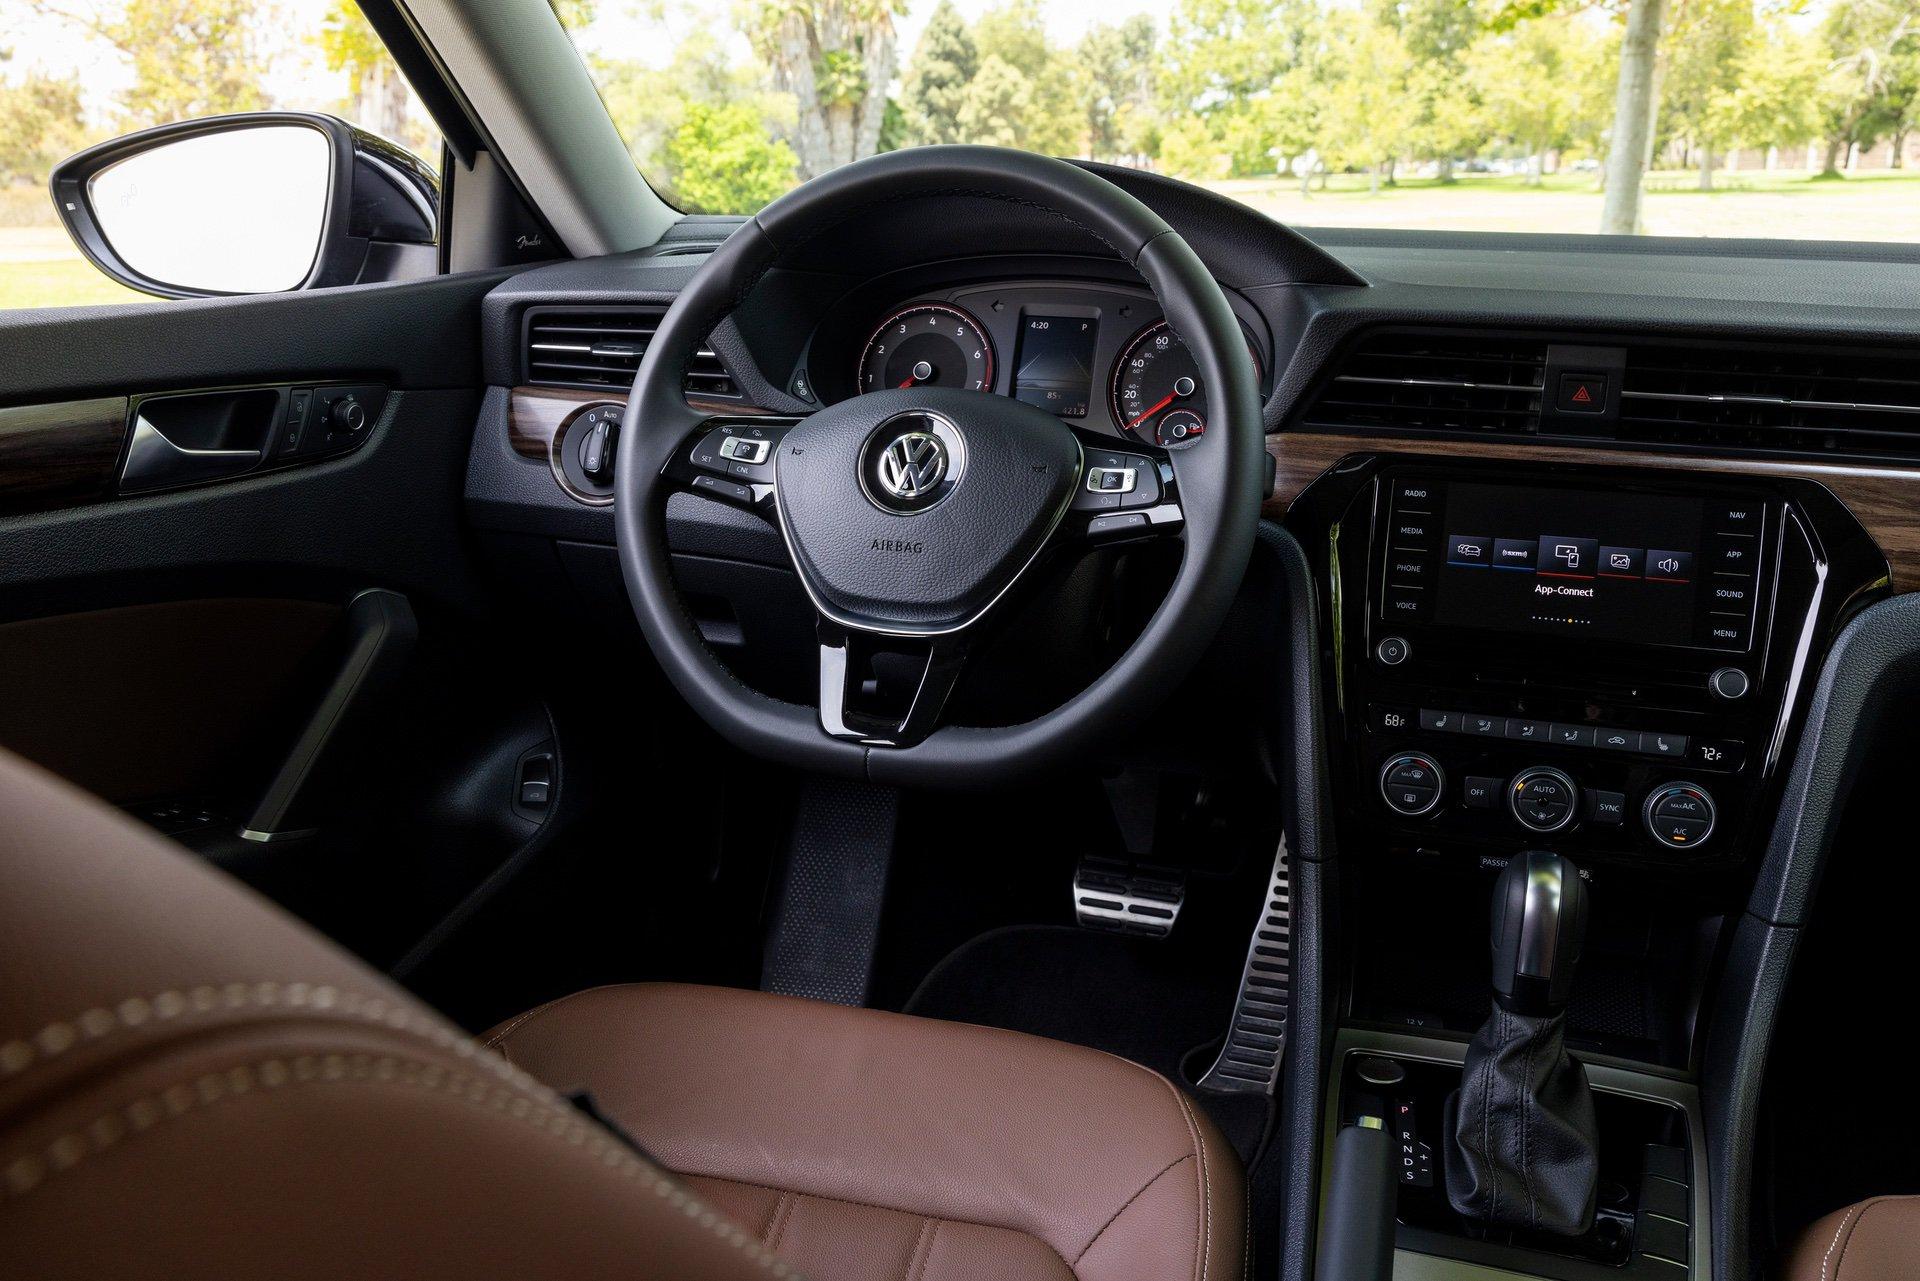 VW_Passat_Limited_Edition_US_spec-0015